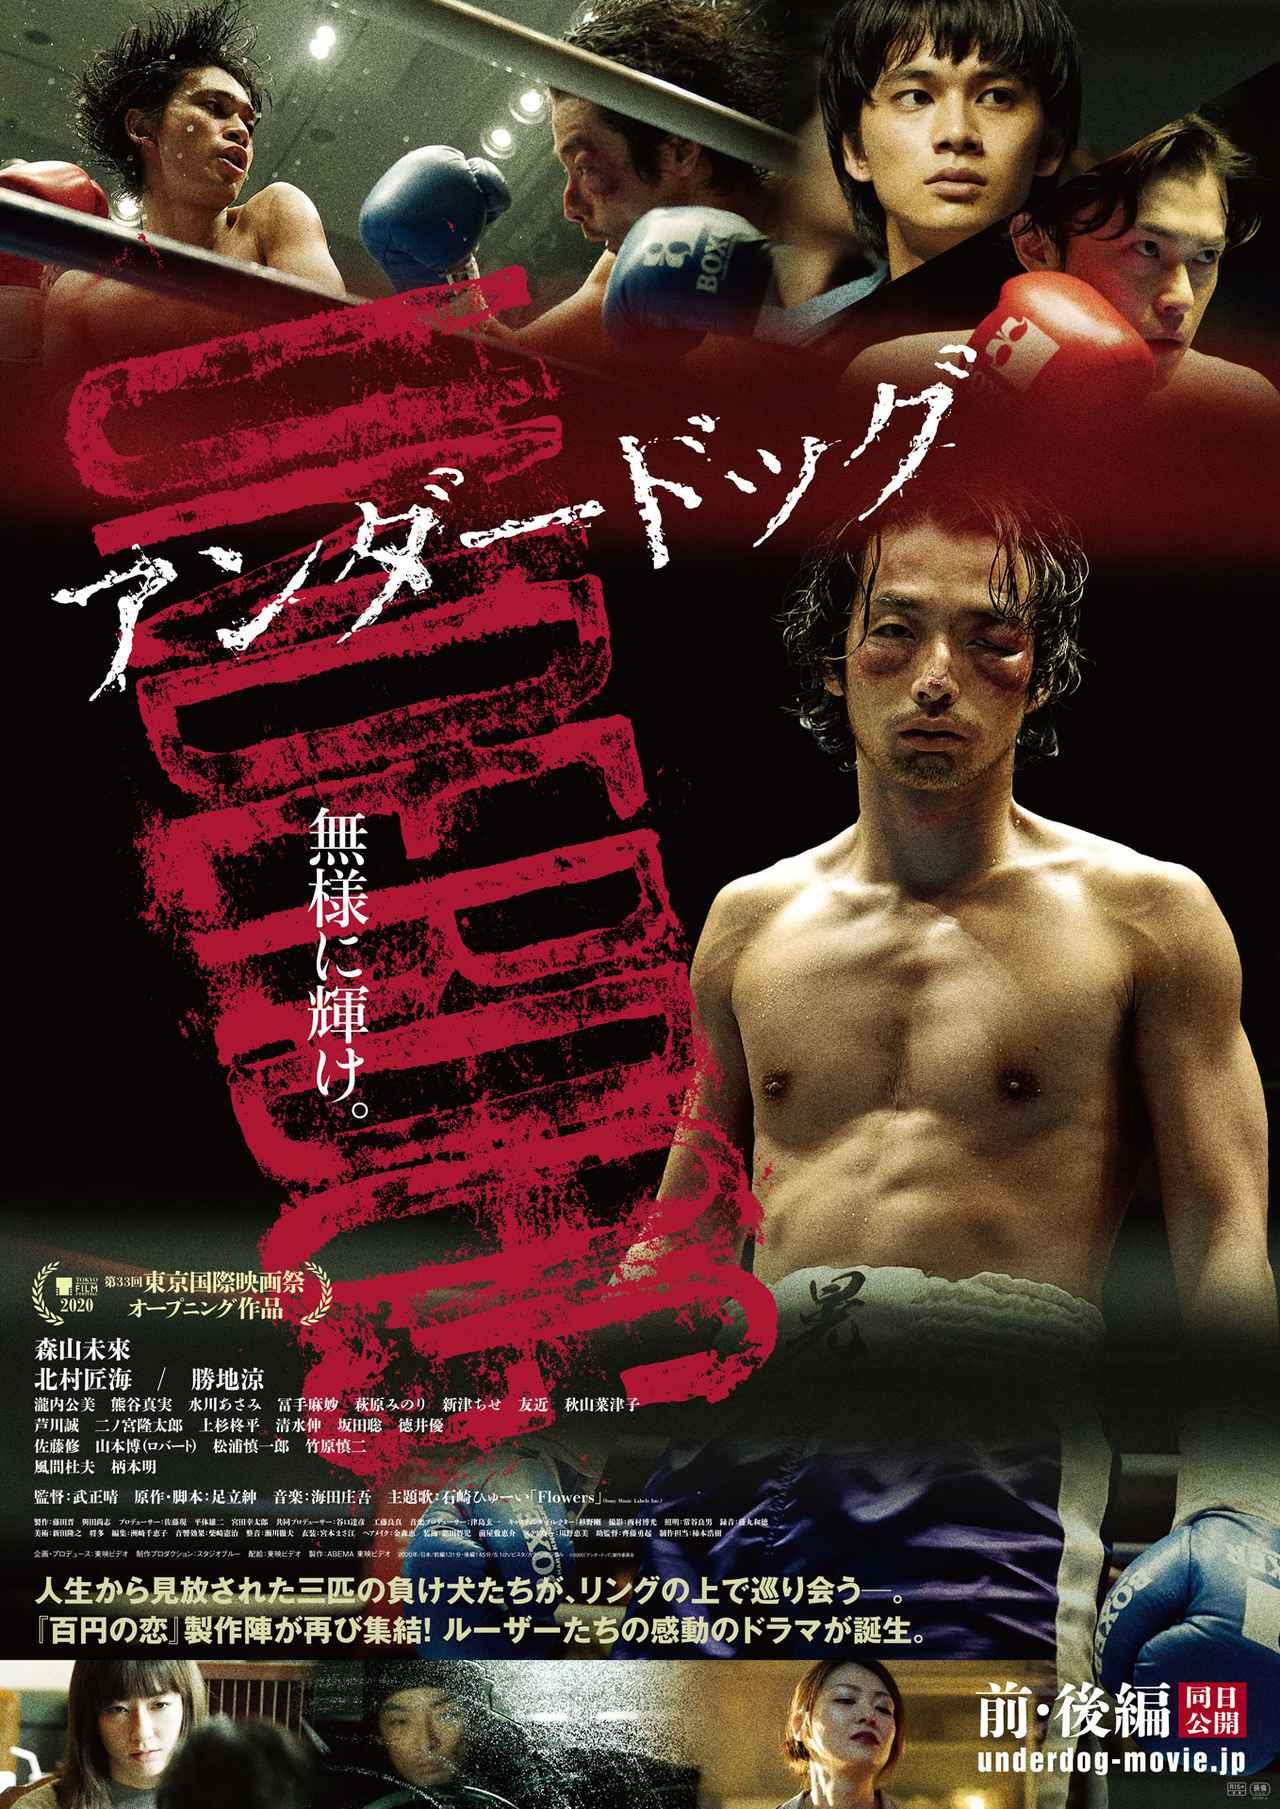 画像: underdog-movie.jp